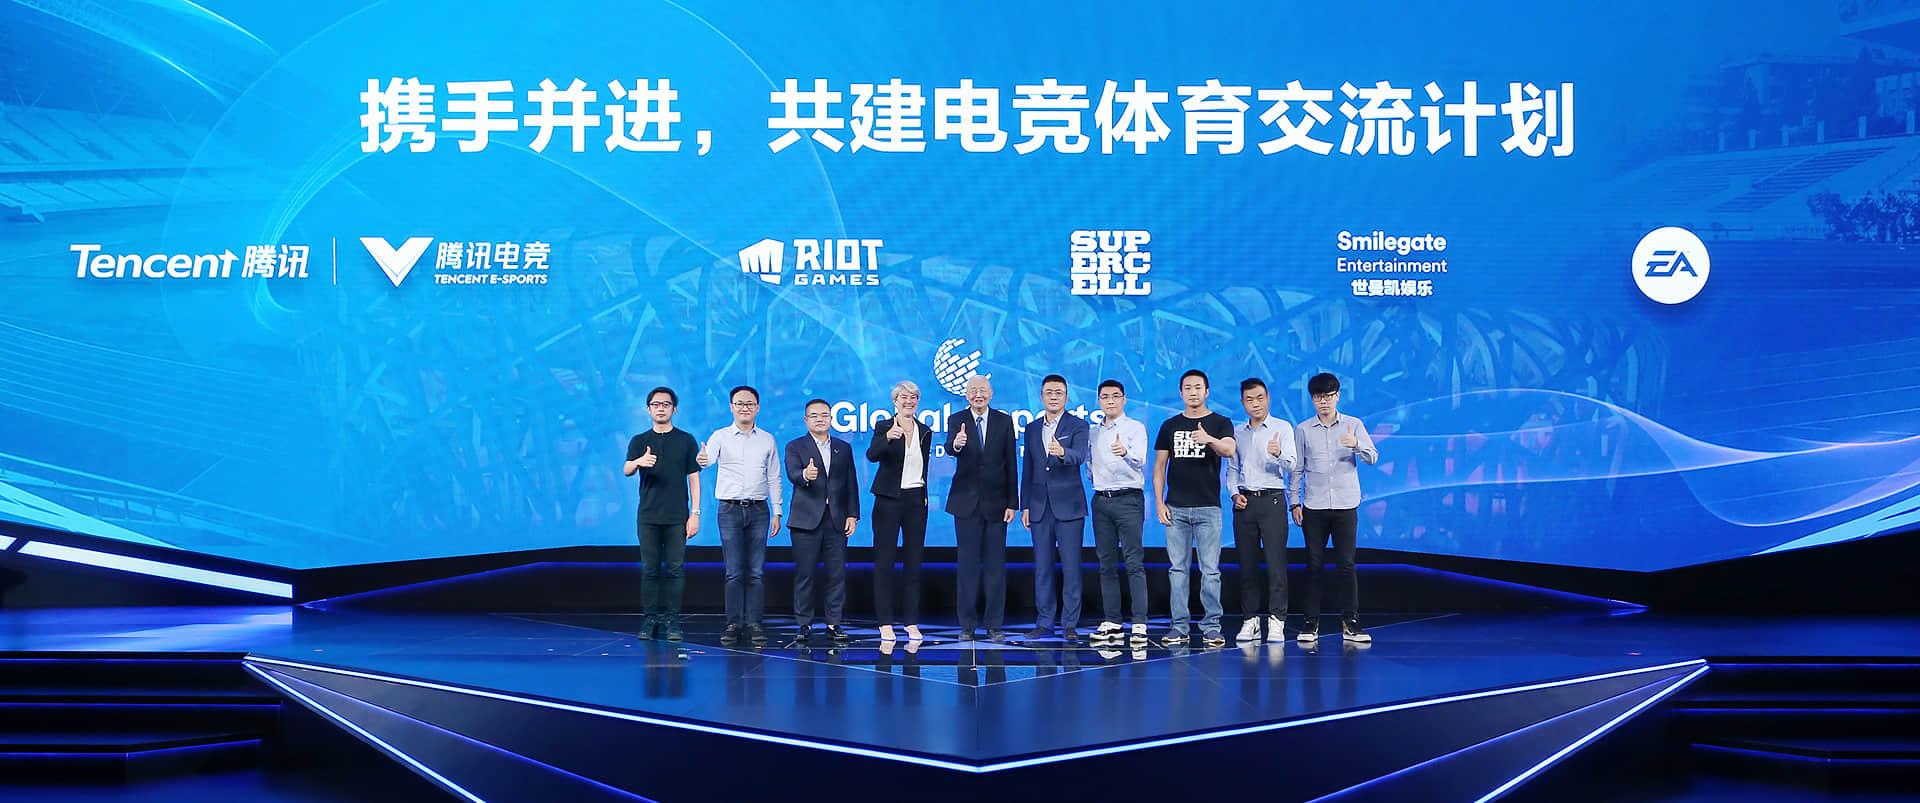 """重磅!国际电子竞技联合会与腾讯共同沟通发起""""电竞体育交流计划""""-Gamewower"""